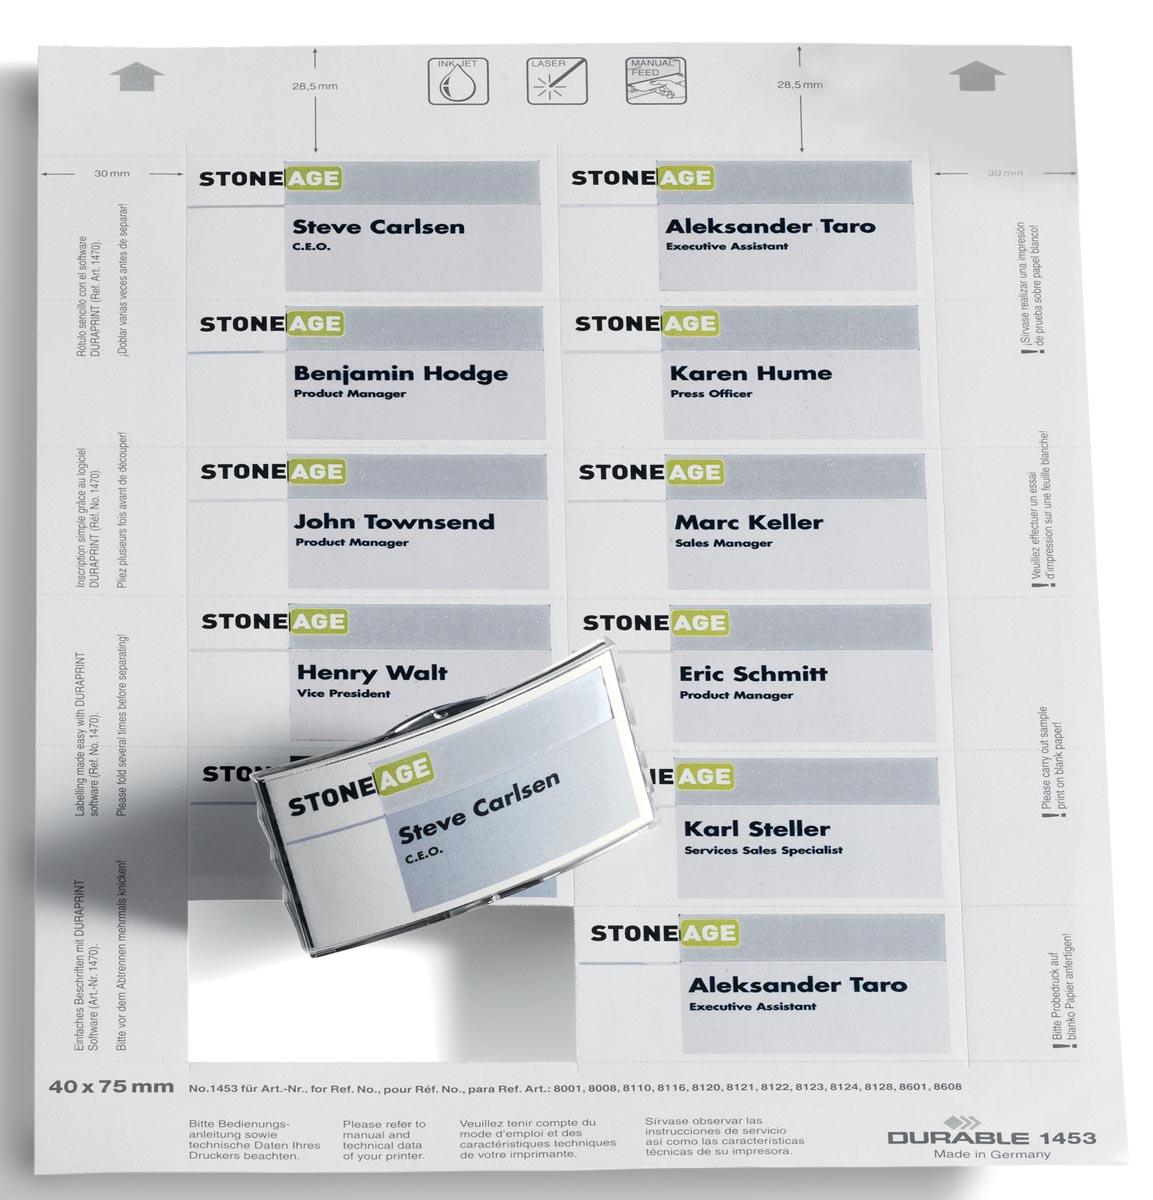 Durable Badgemaker insteekkaartjes ft 40 x 75 mm (voor badges 8001, 8008, 8021, 8110, 8116, 8120, 81